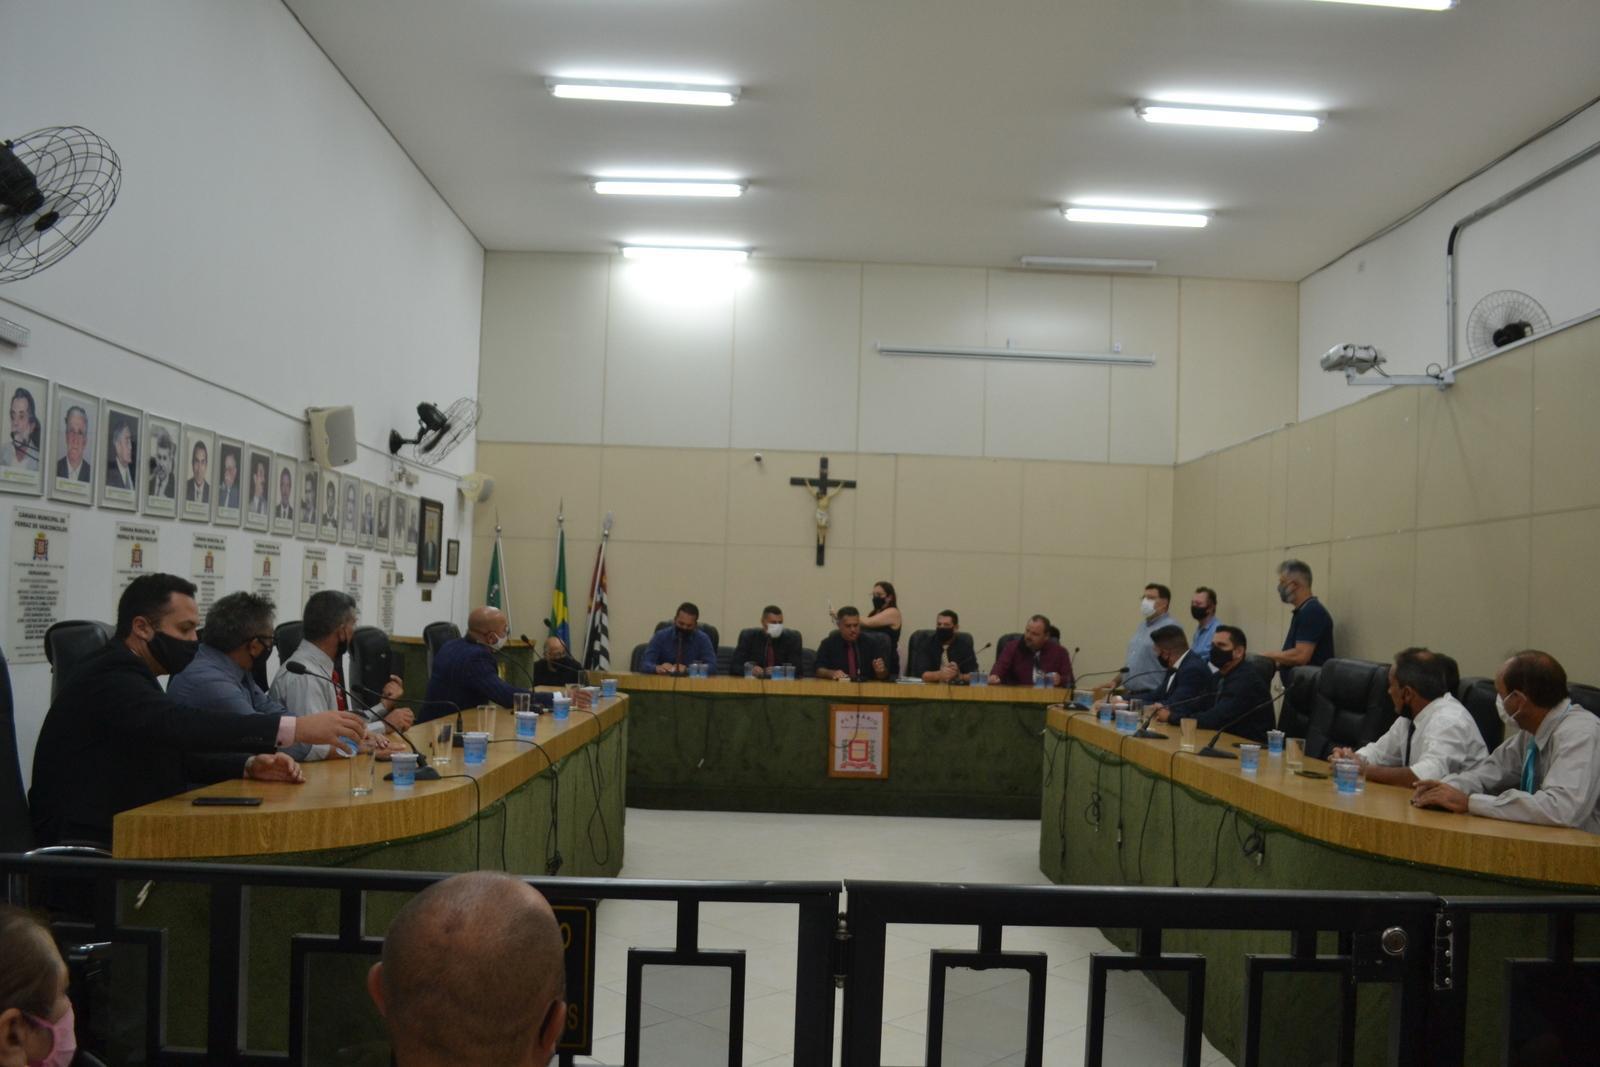 Câmara Municipal define membros de comissões permanentes para o biênio 2021 a 2022